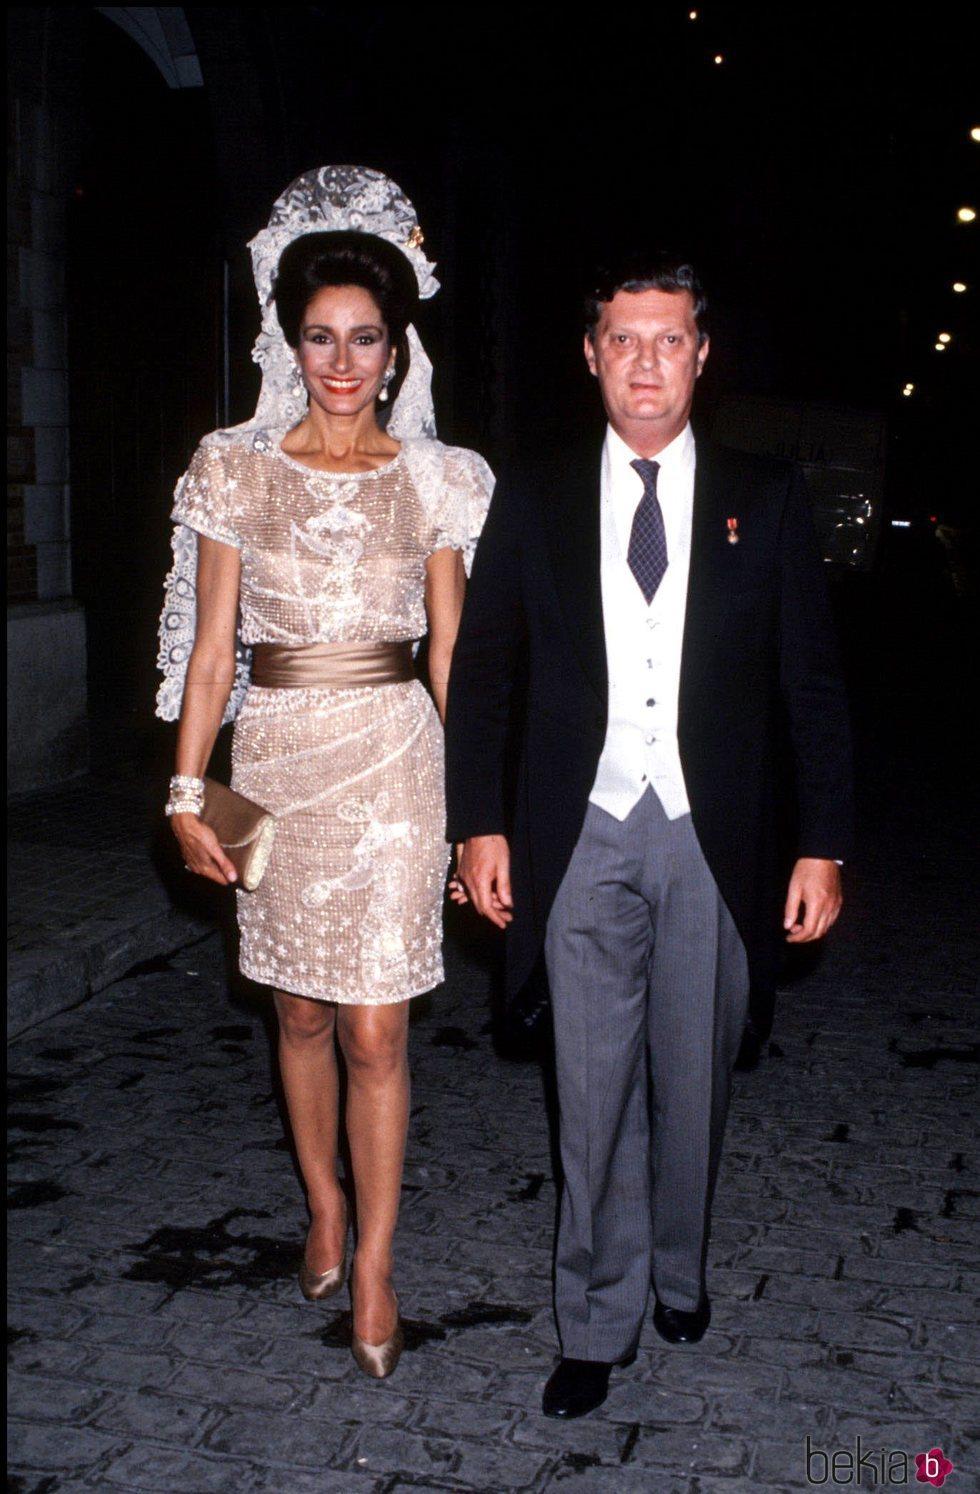 Naty Abascal y el Duque de Feria en la boda de Carlos Martínez de Irujo